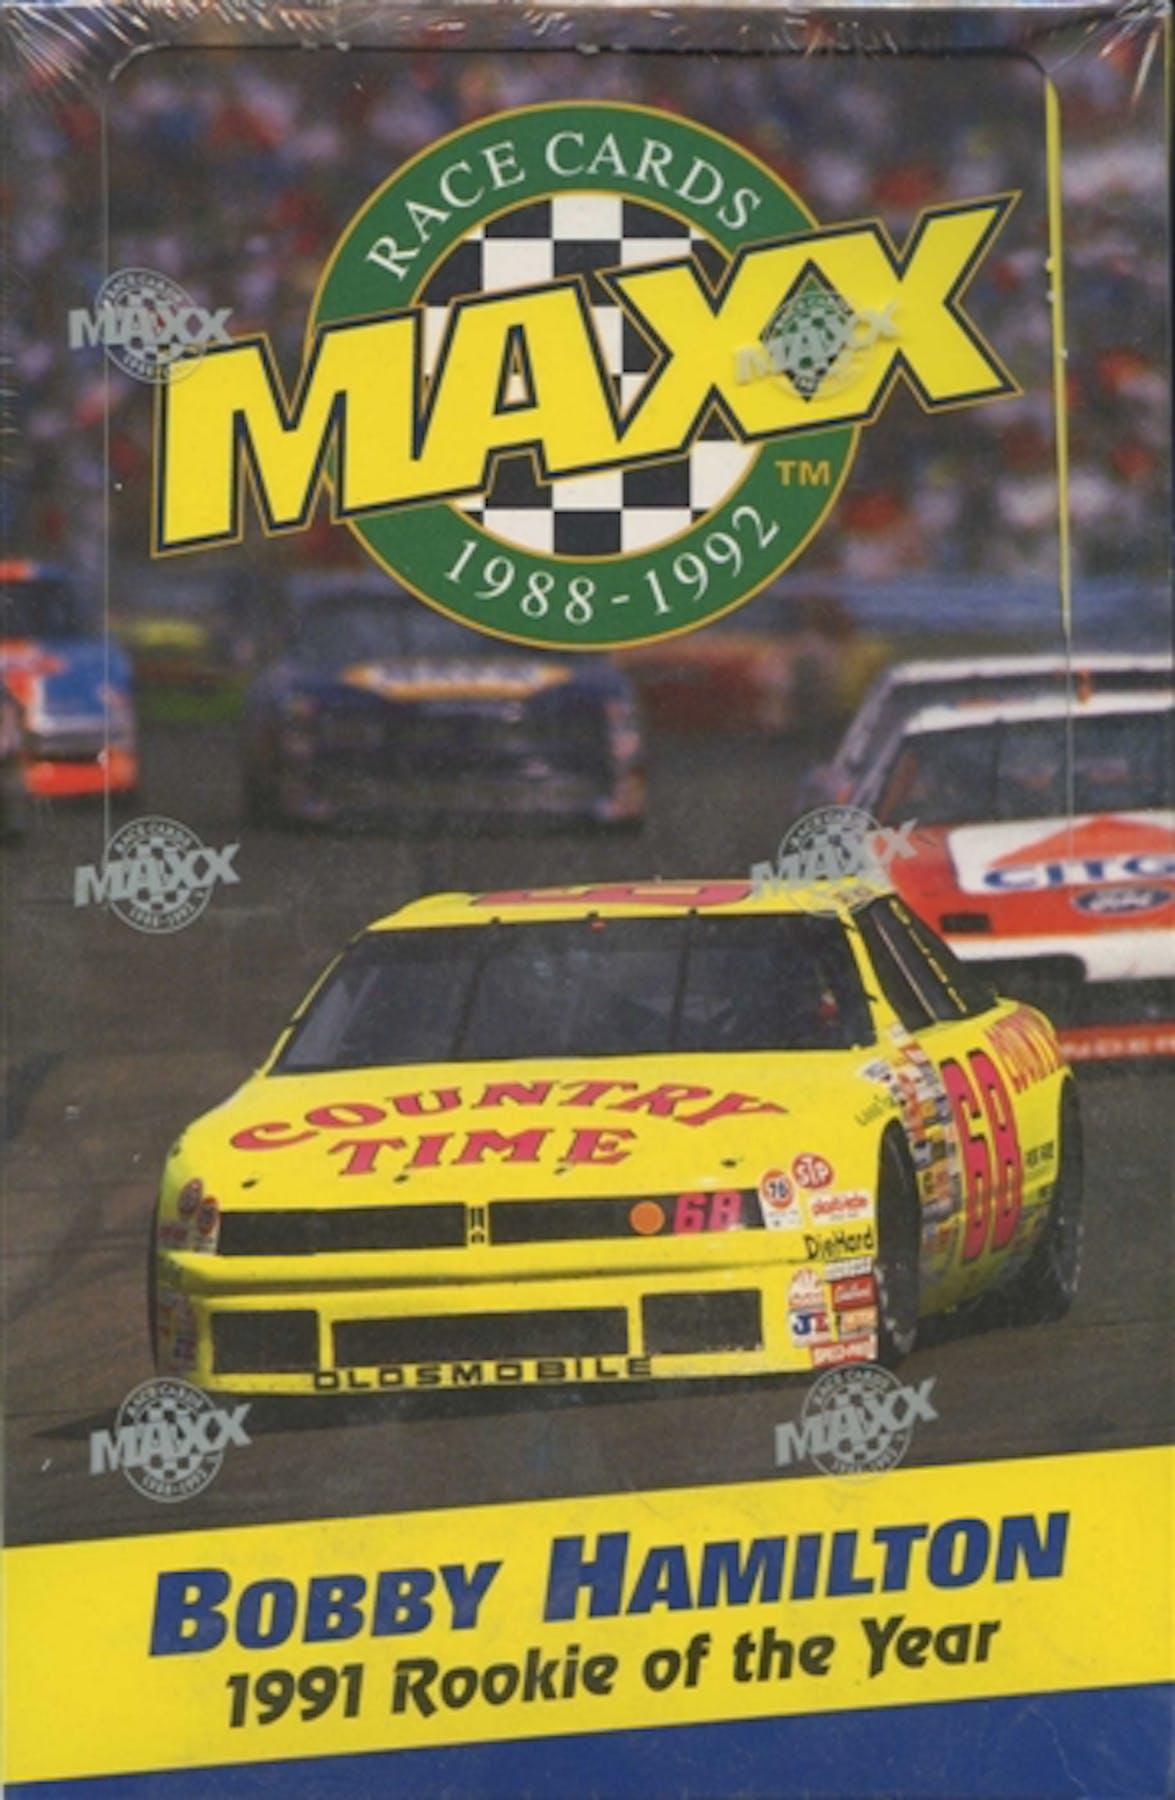 1992 J.R. Maxx Inc. Maxx Racing Wax Box | DA Card World